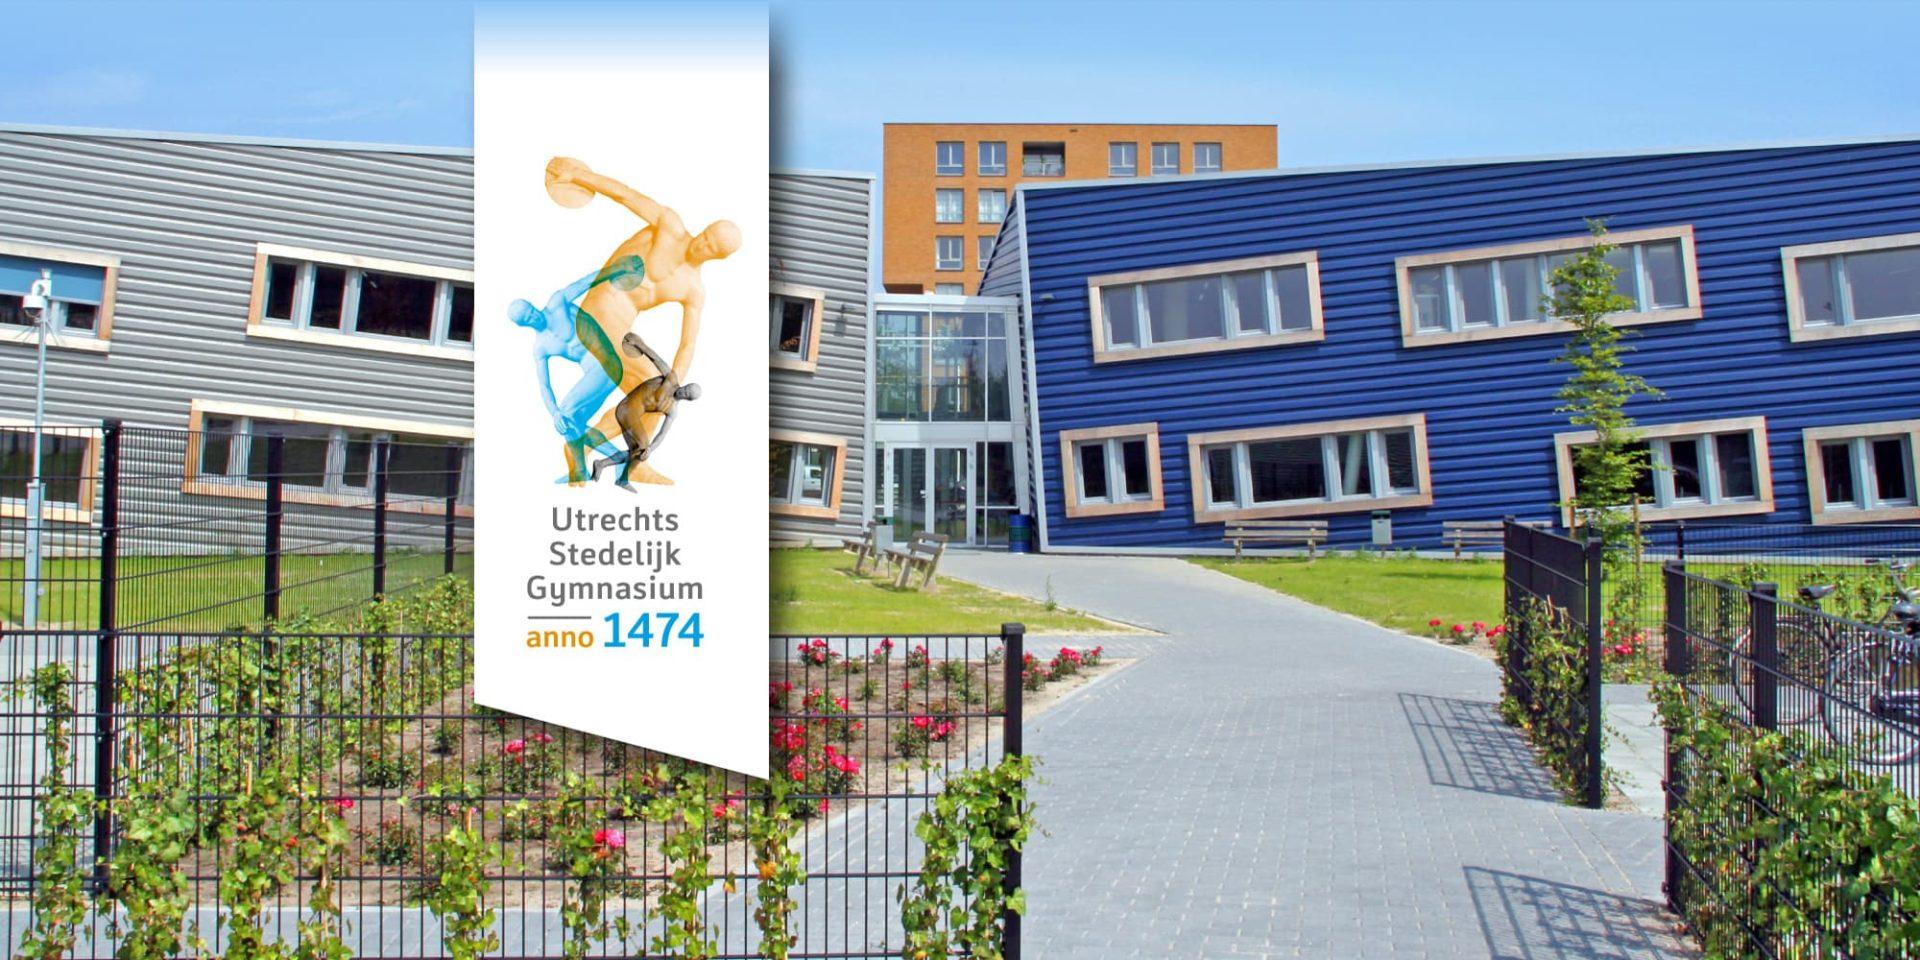 Utrechts Stedelijk Gymnasium hoofdbanner - Jeroen Borrenbergs)